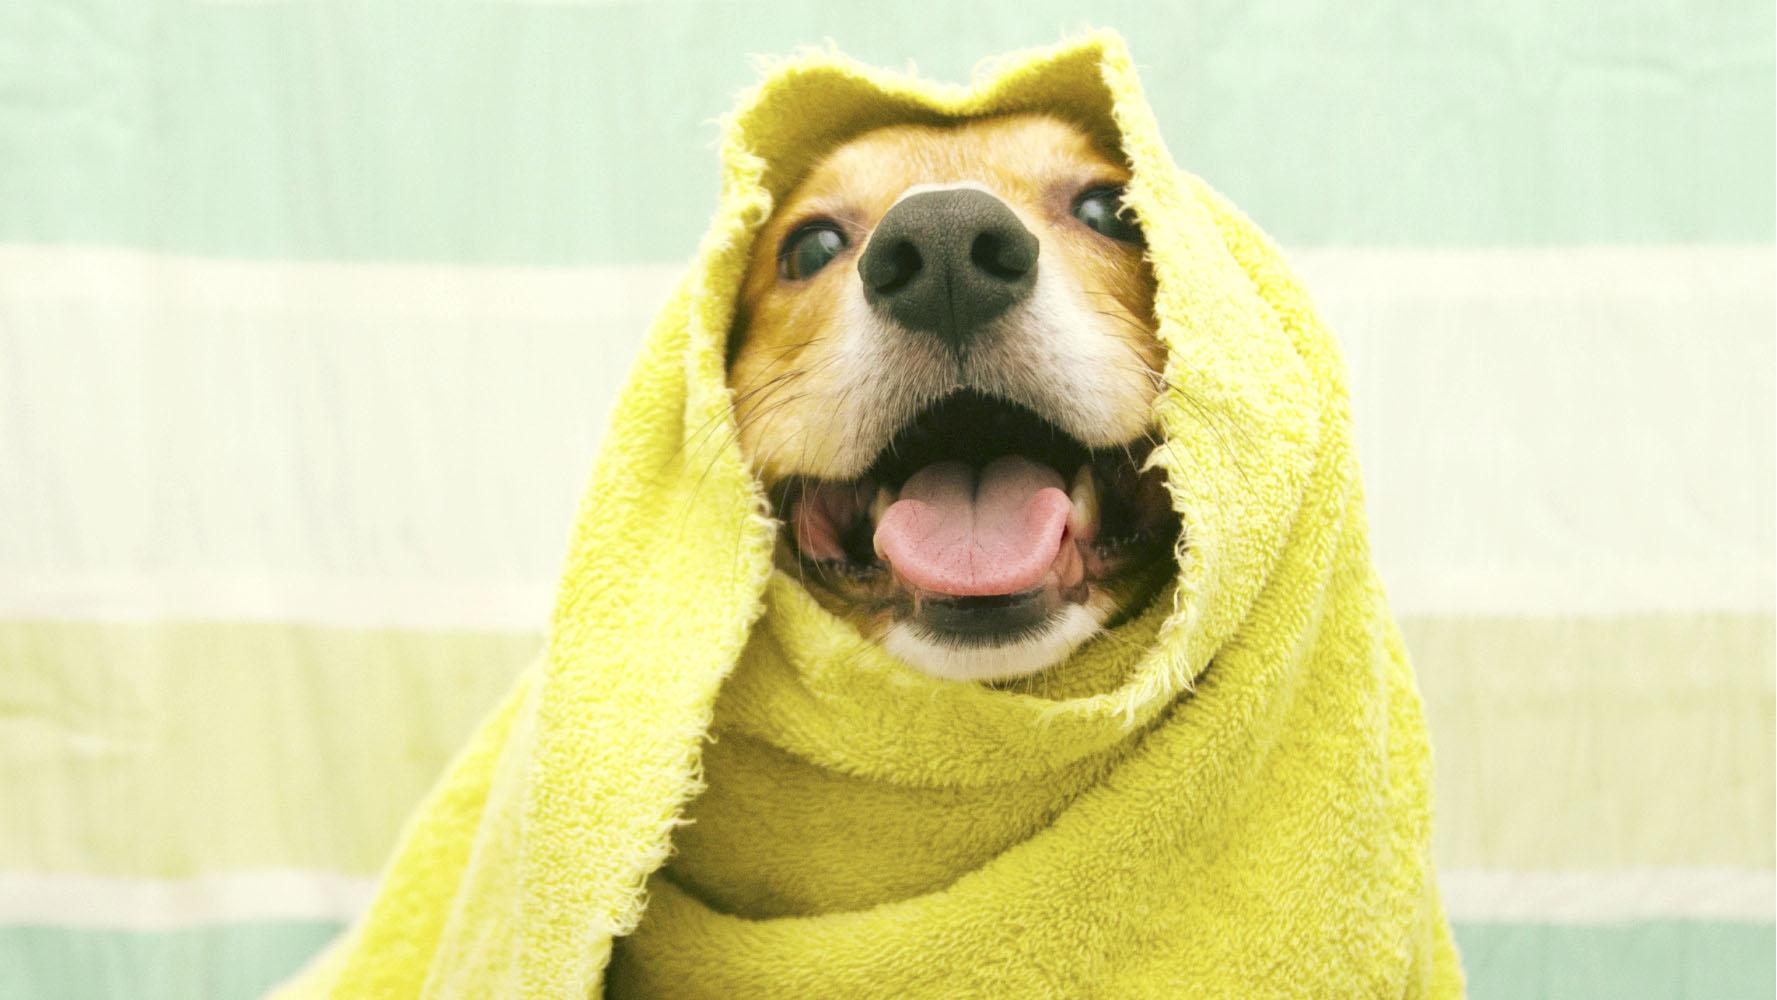 Una vez que la situación se tranquilice, llévala al veterinario para descartar reacciones alérgicas internas o intoxicaciones